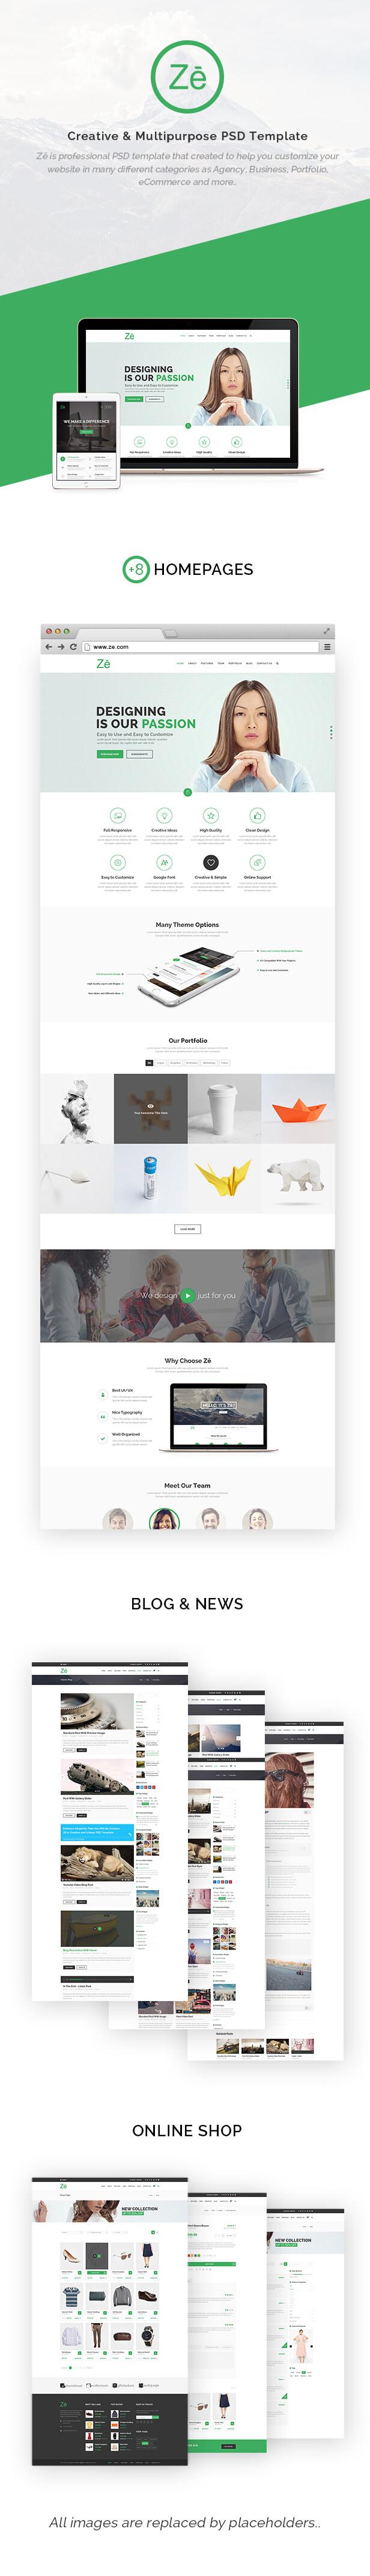 Ze - Creative & Multipurpose PSD Template. - 6